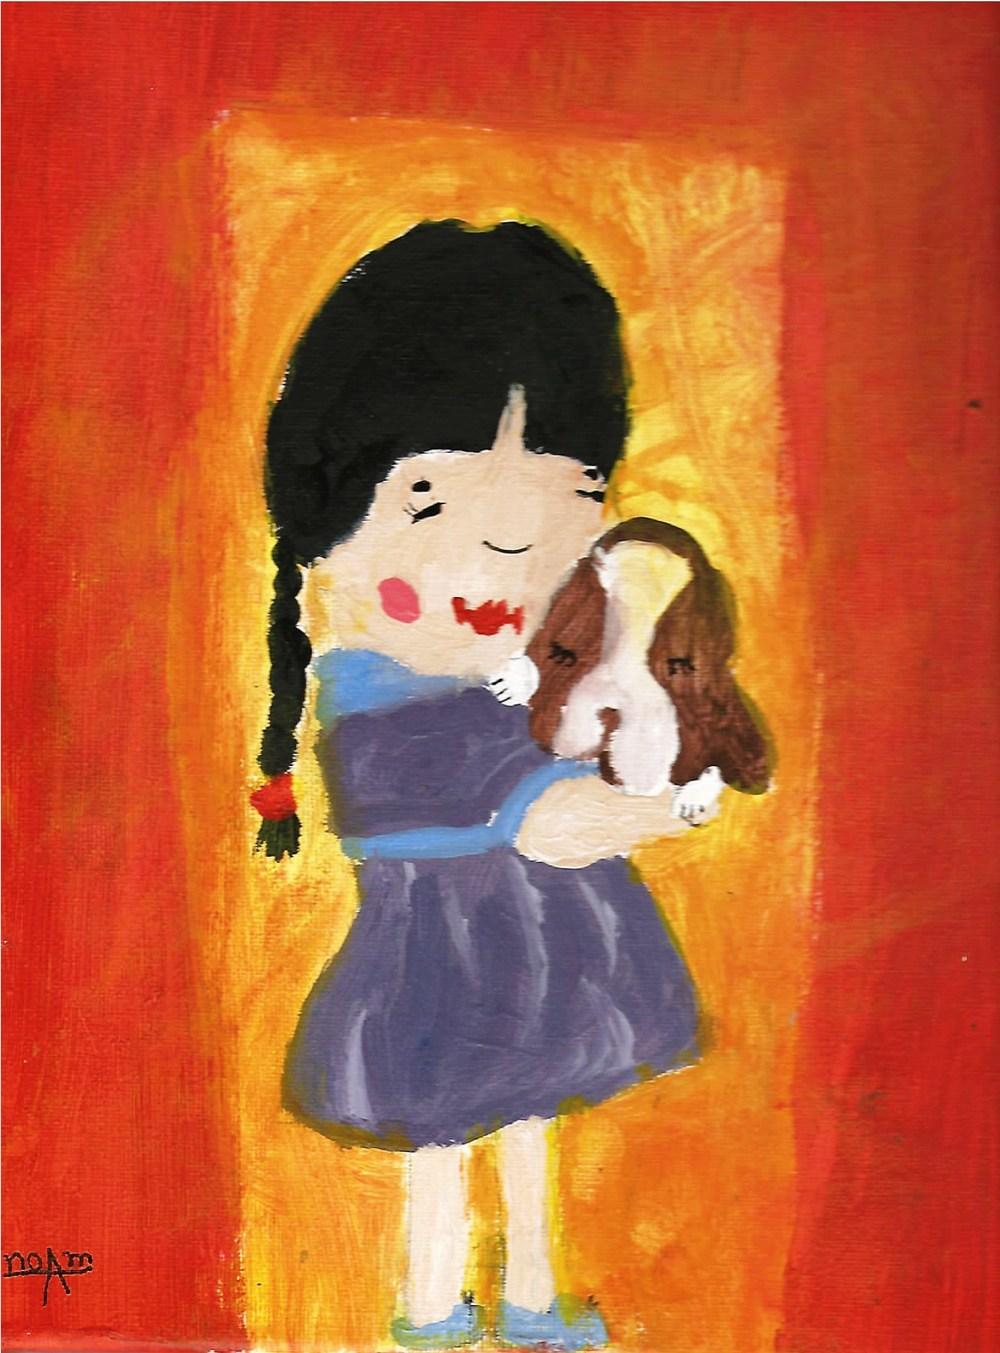 אומנות ילדים שכולה תרומה. ציירה:נועם אורן, בת 9, חיפה